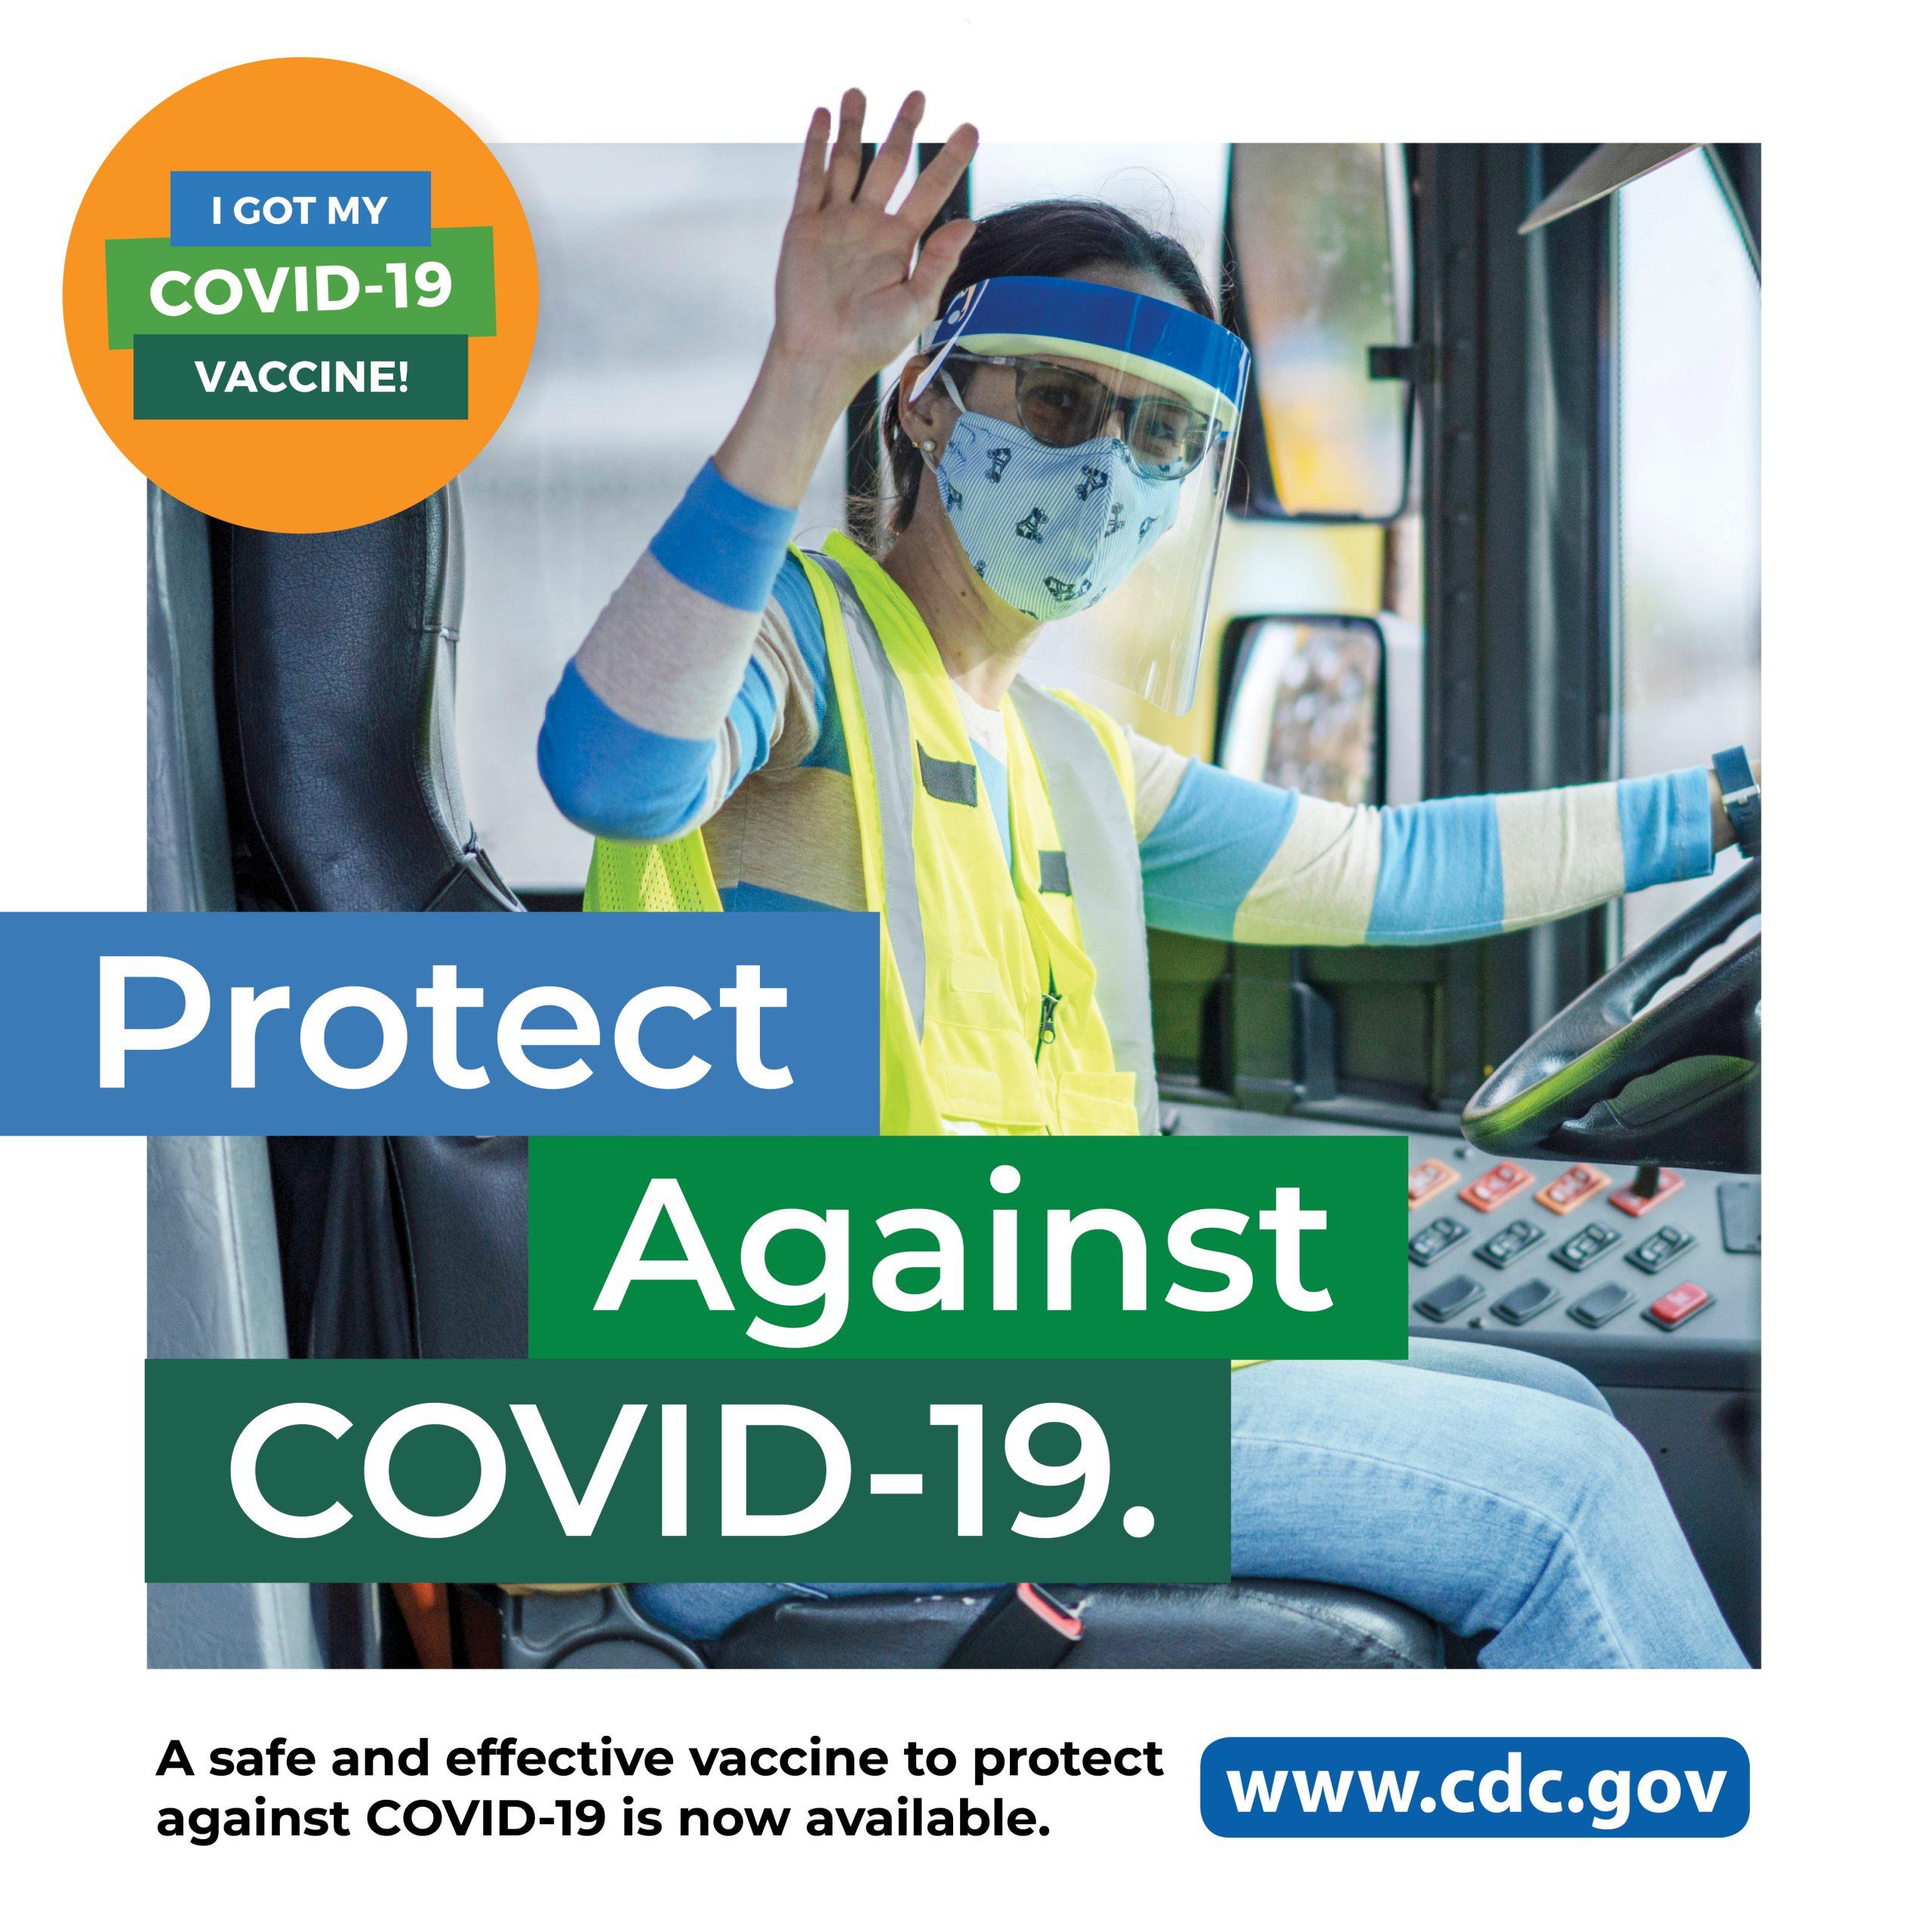 imagen de medios sociales - Conductora de autobús con protector facial